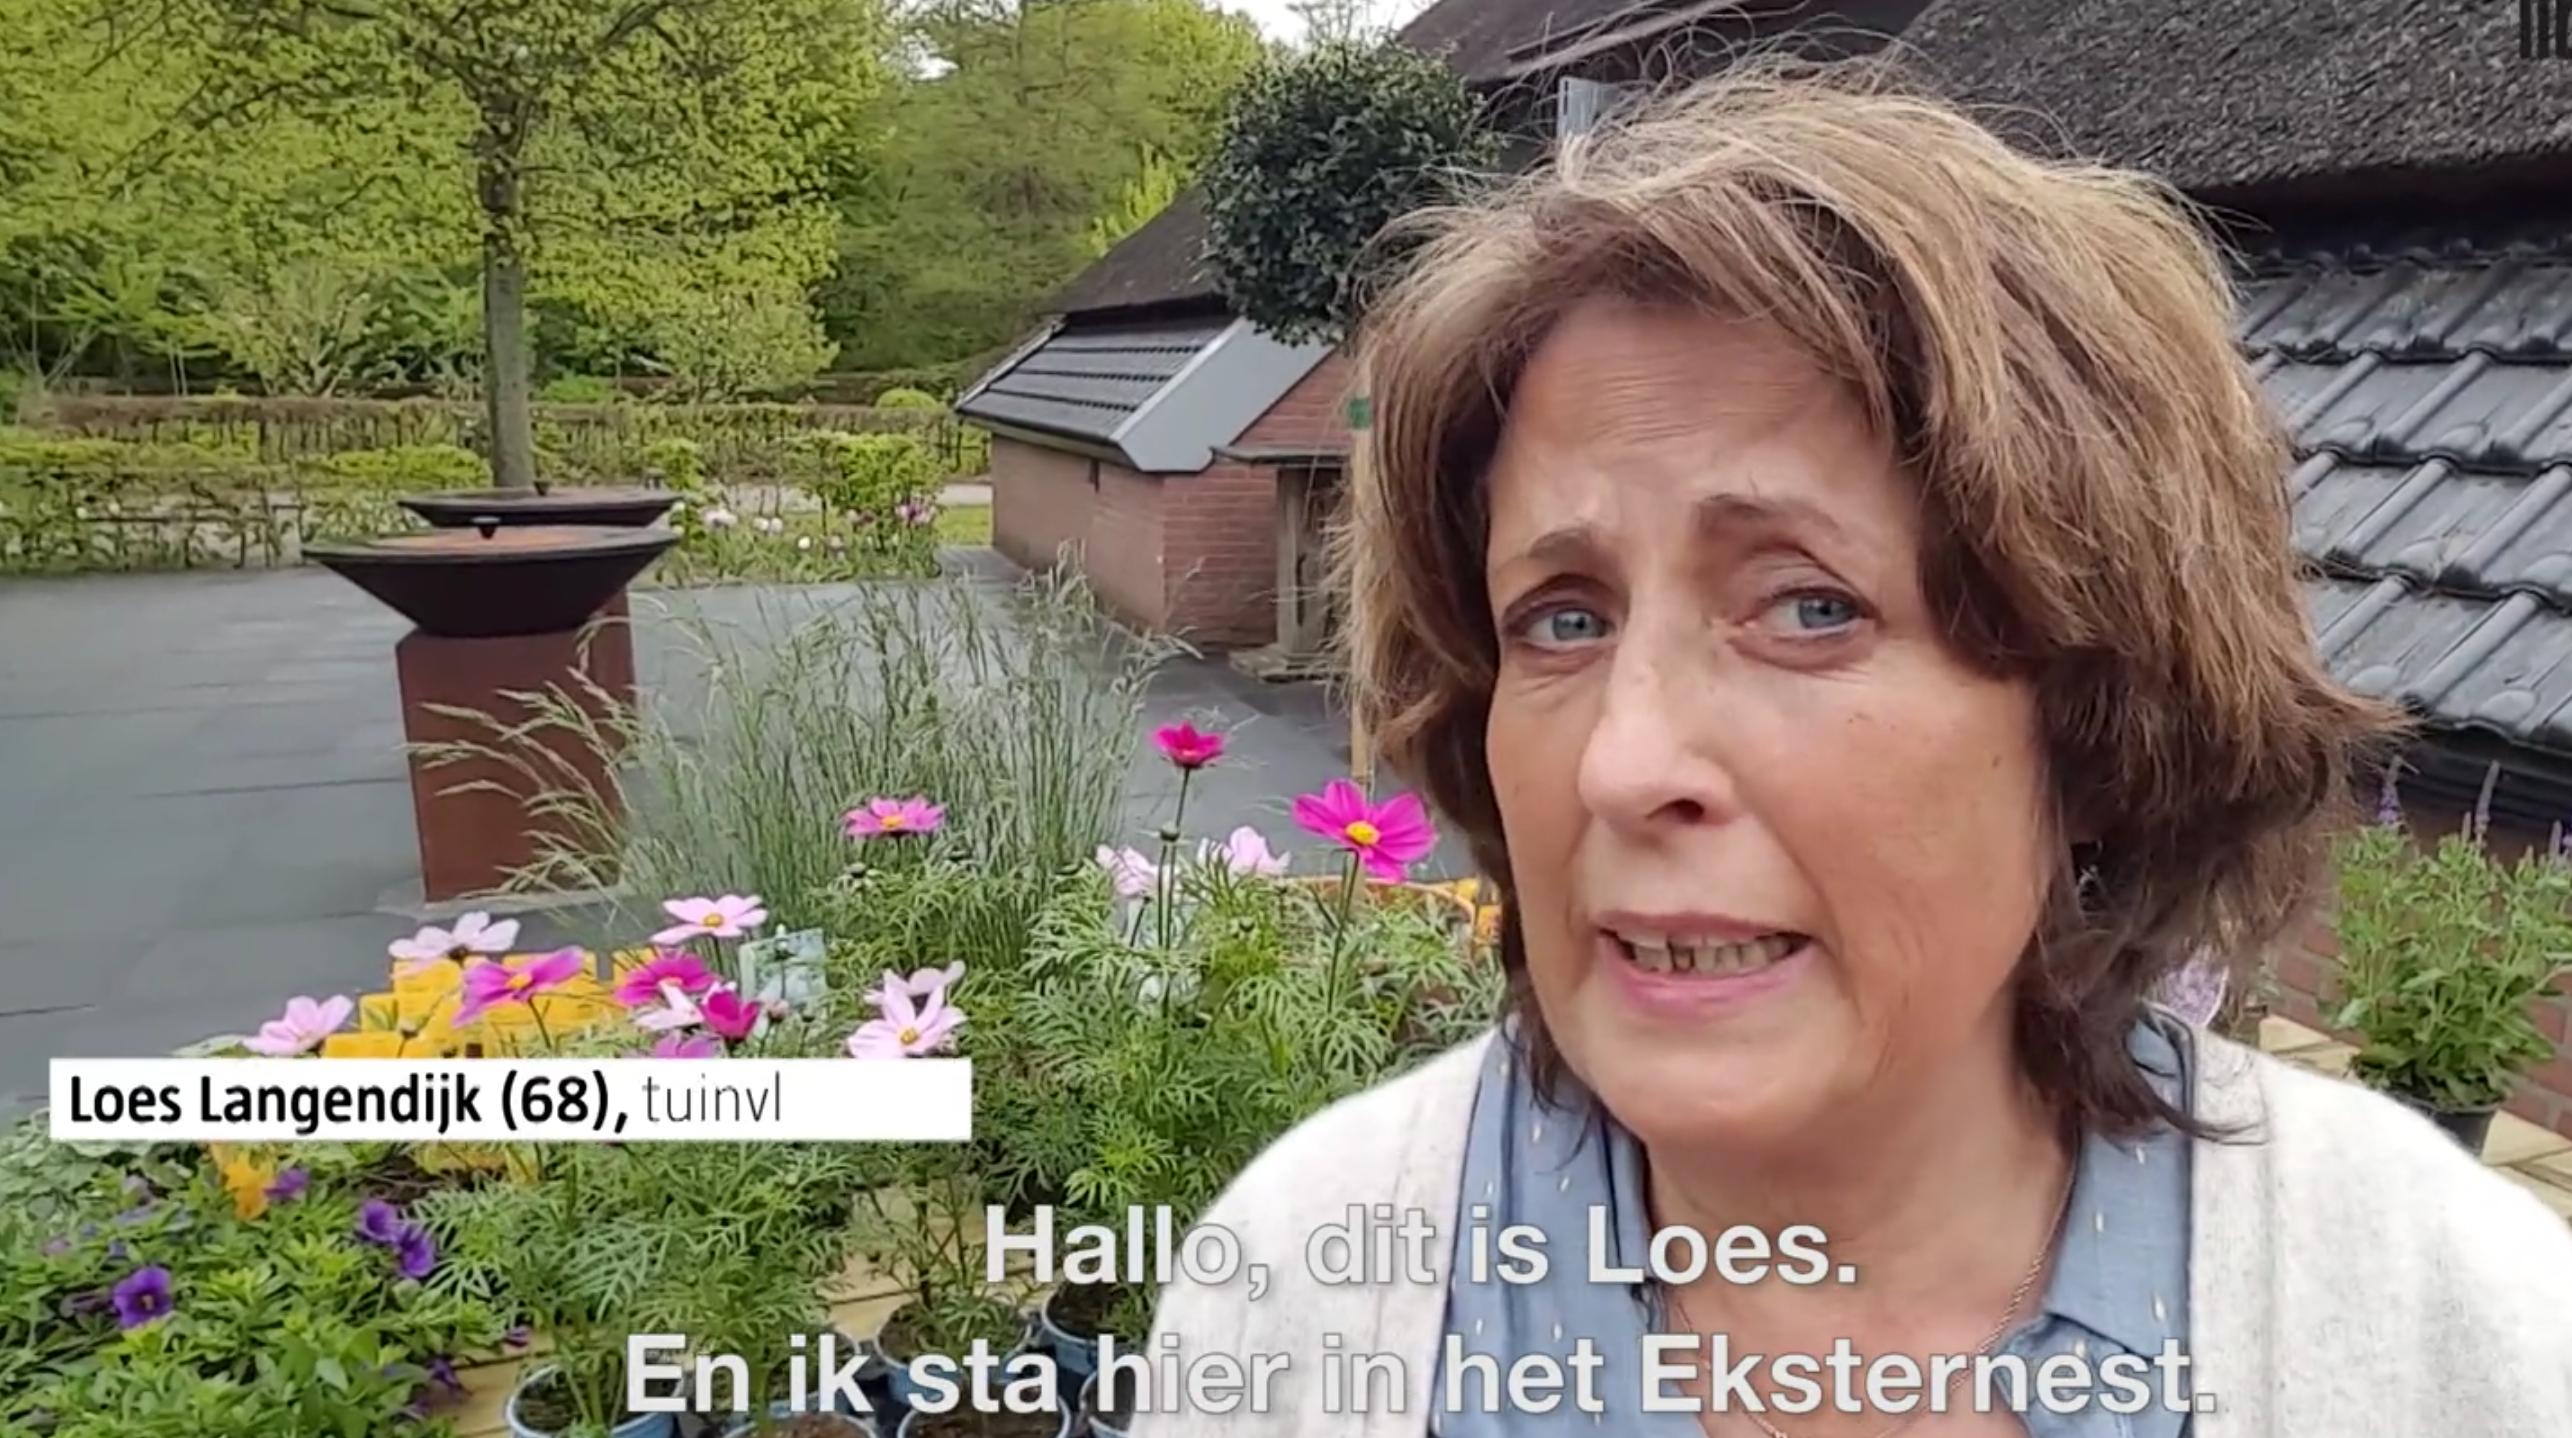 Hoe beplant je bloembakken? Tuinvlogger Loes legt uit!